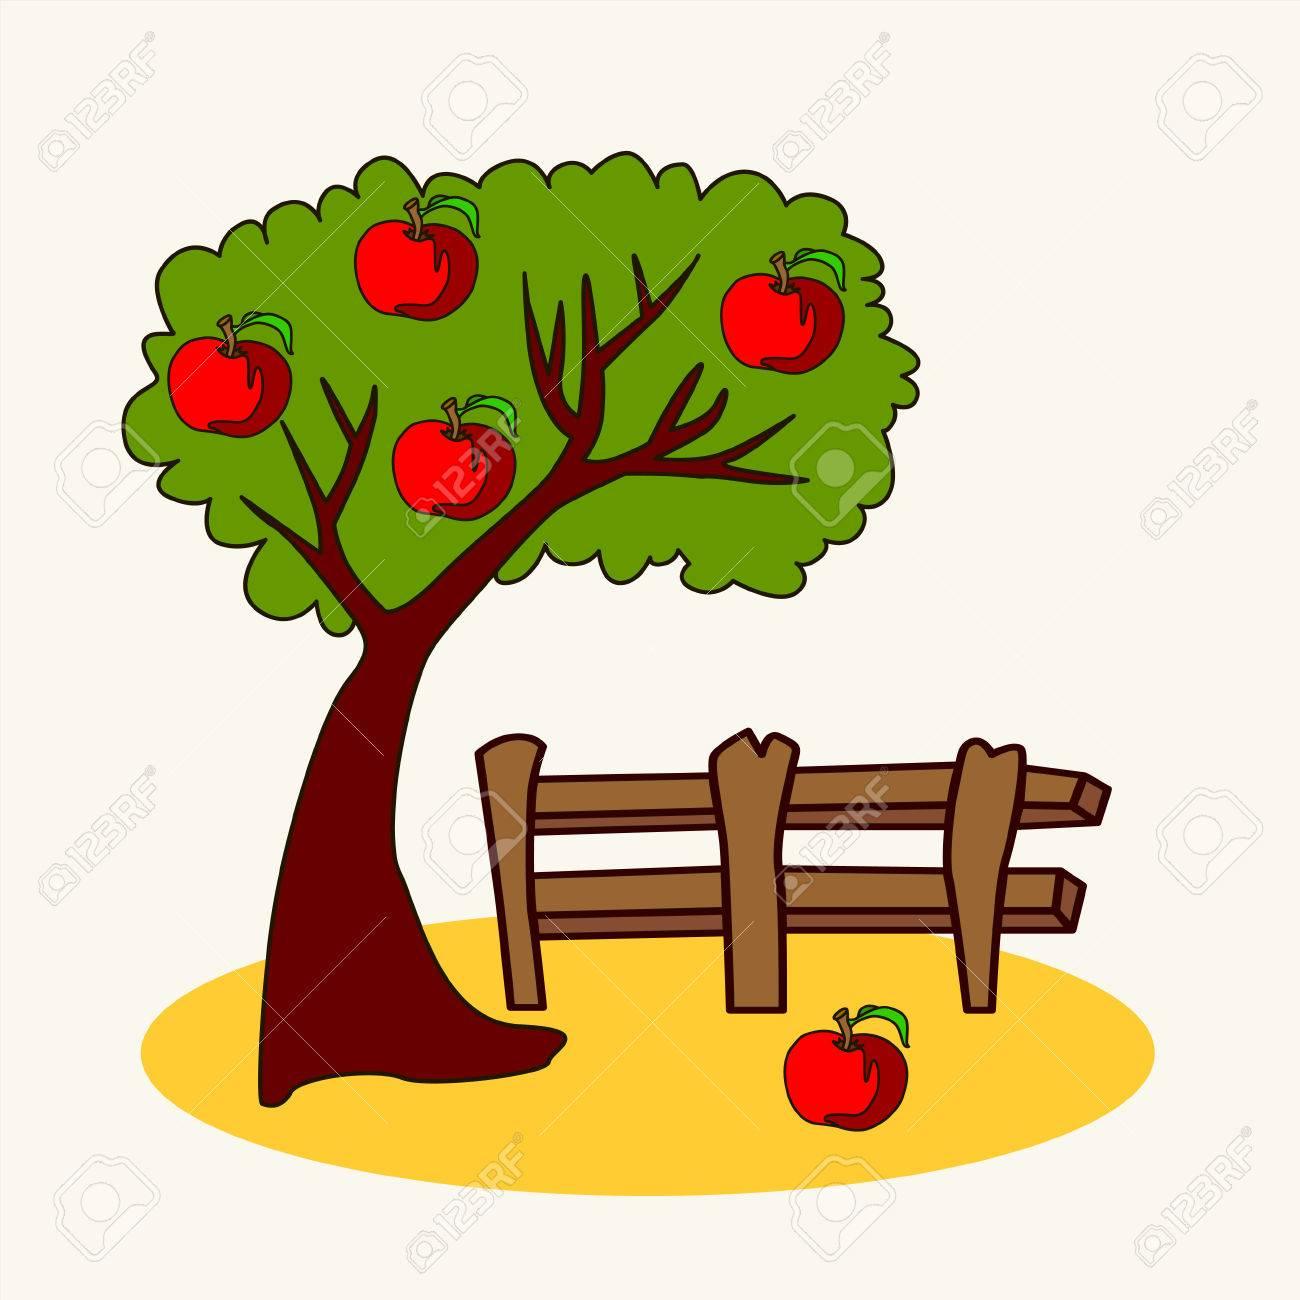 Zoológico Divertido Vector De Dibujos Animados Ilustración De Lindo árbol Con Manzana